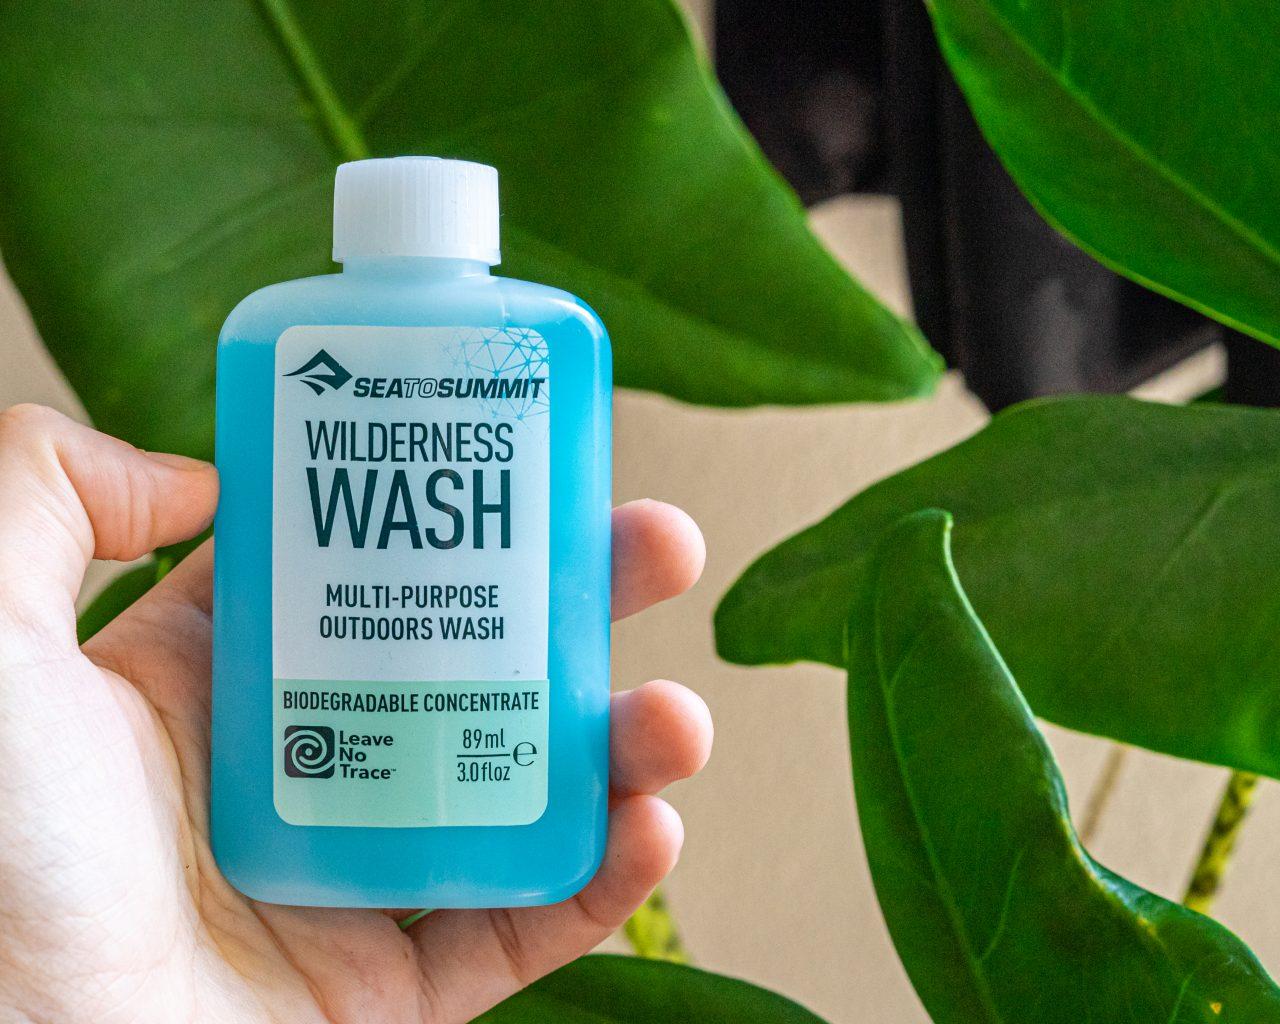 Sea-to-summit-zeep-biologisch-afbreekbaar